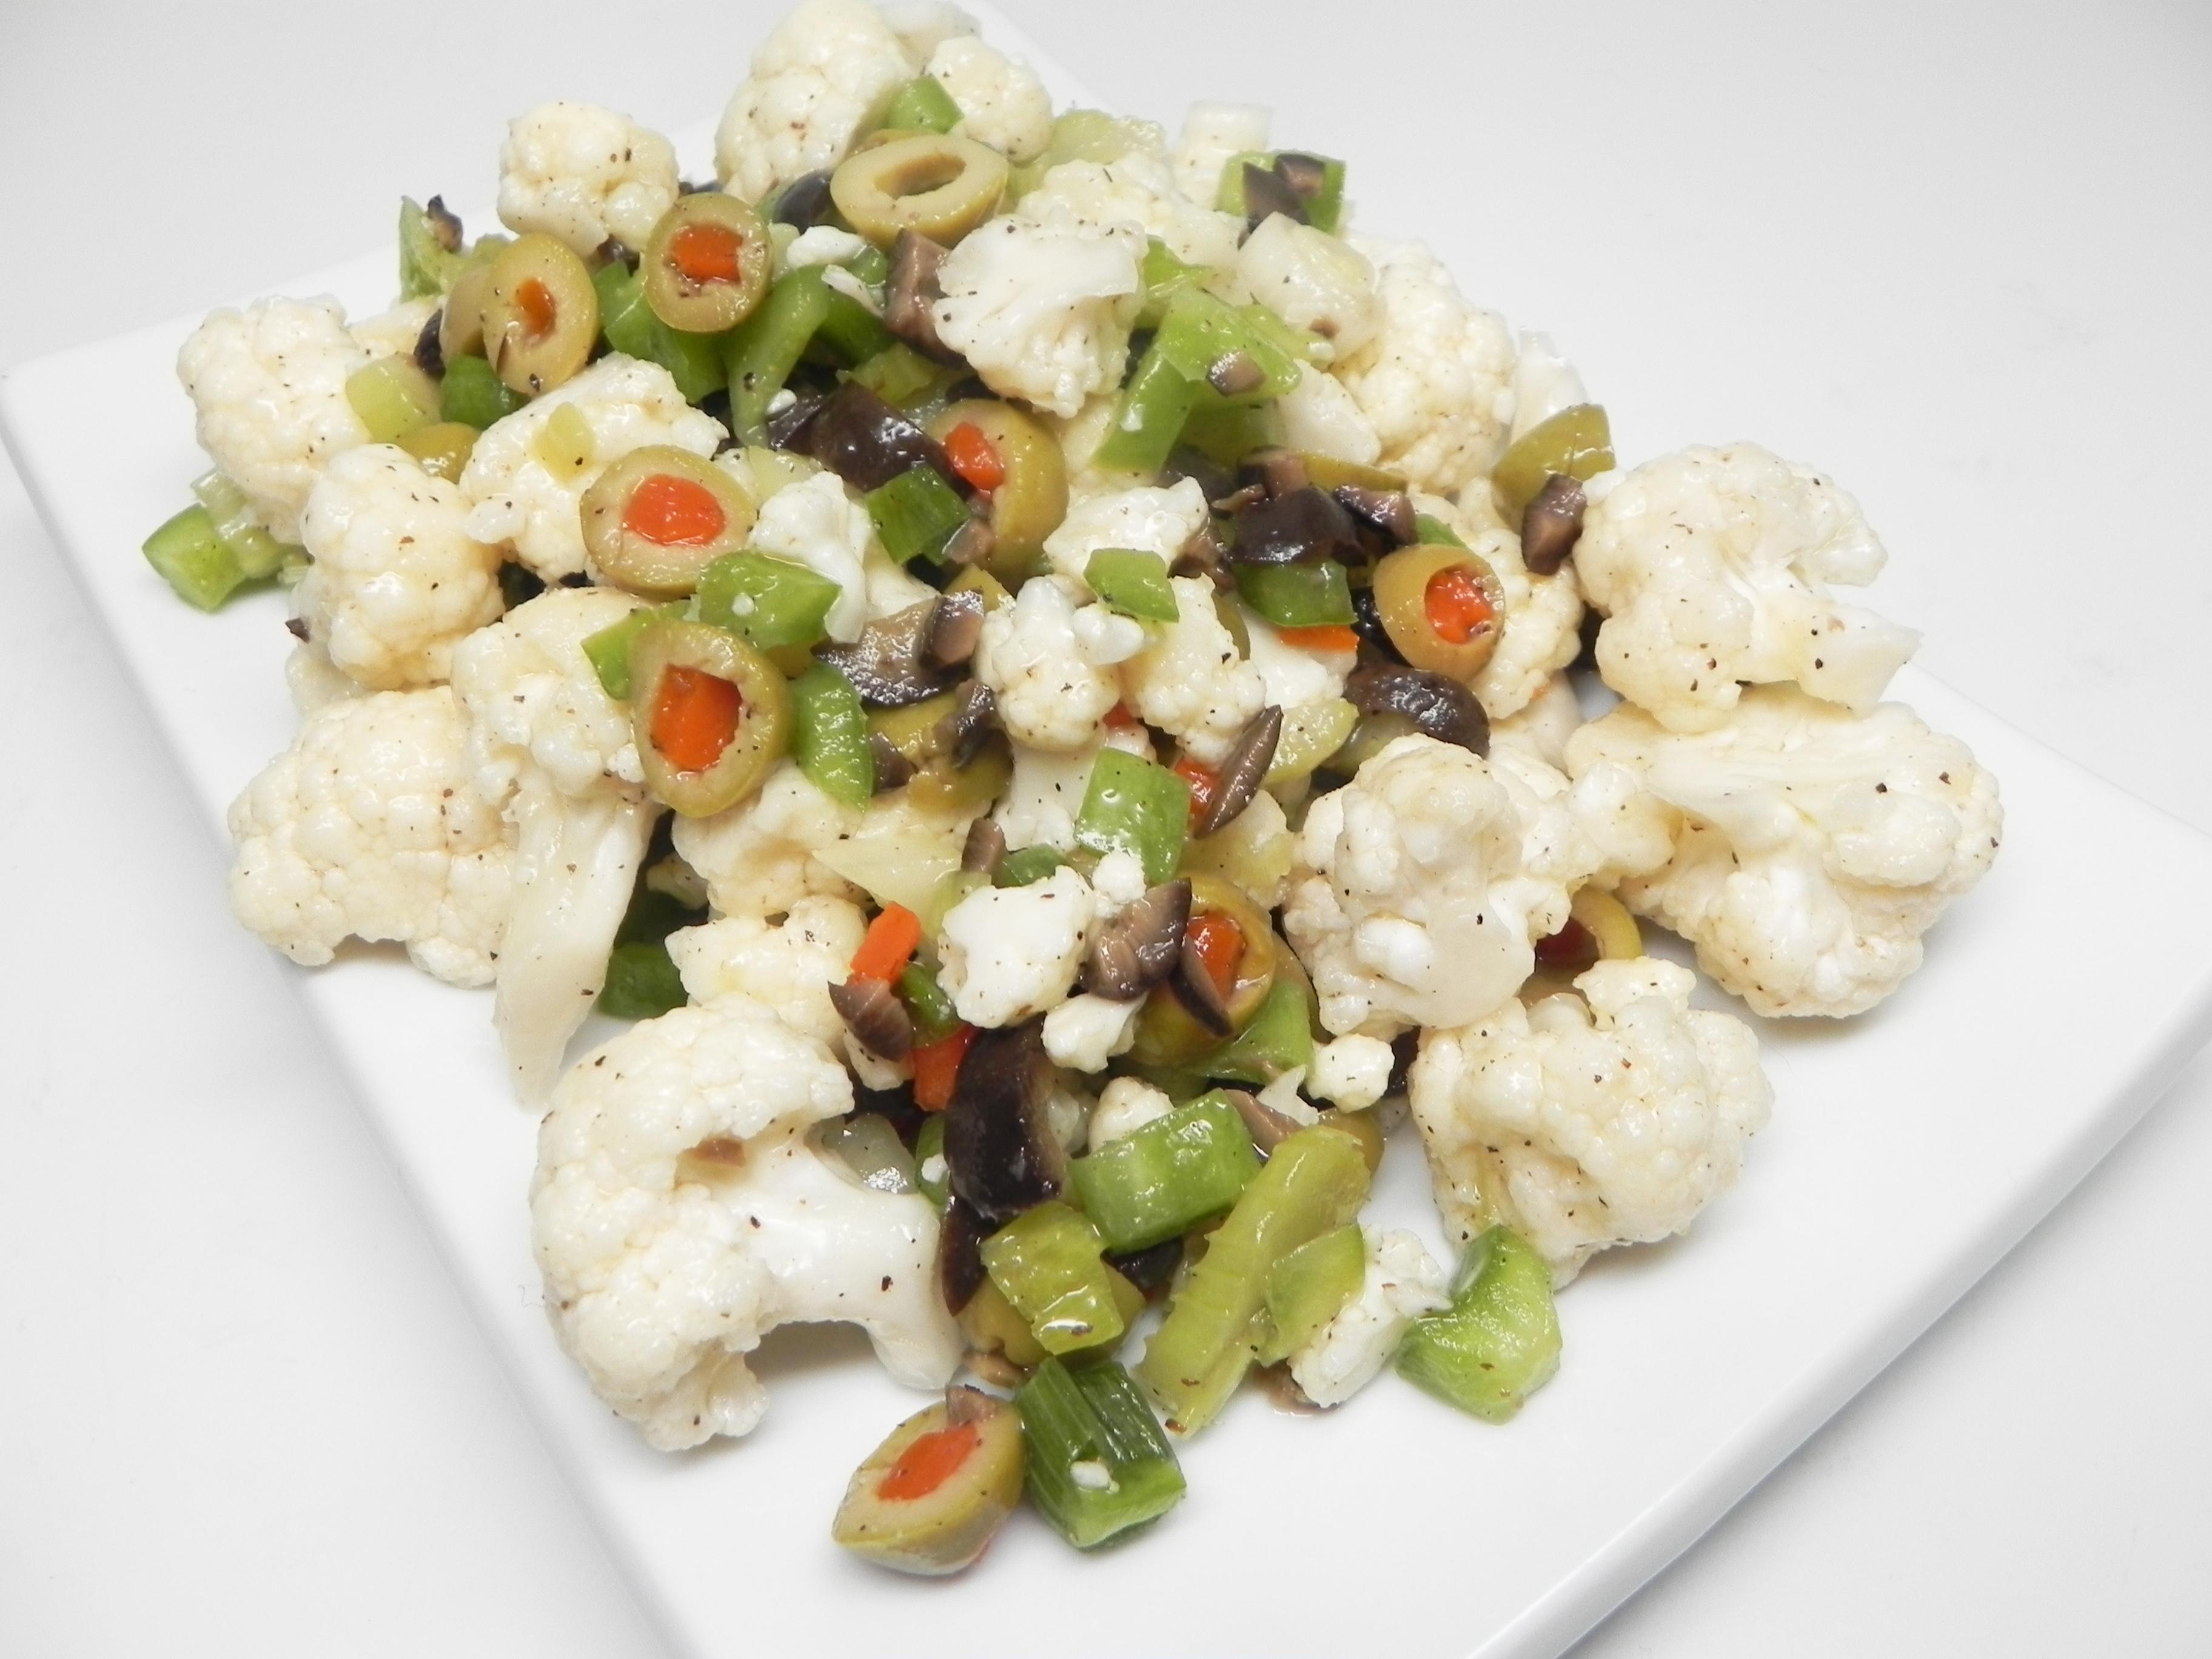 Muffuletta-Inspired Cauliflower Salad